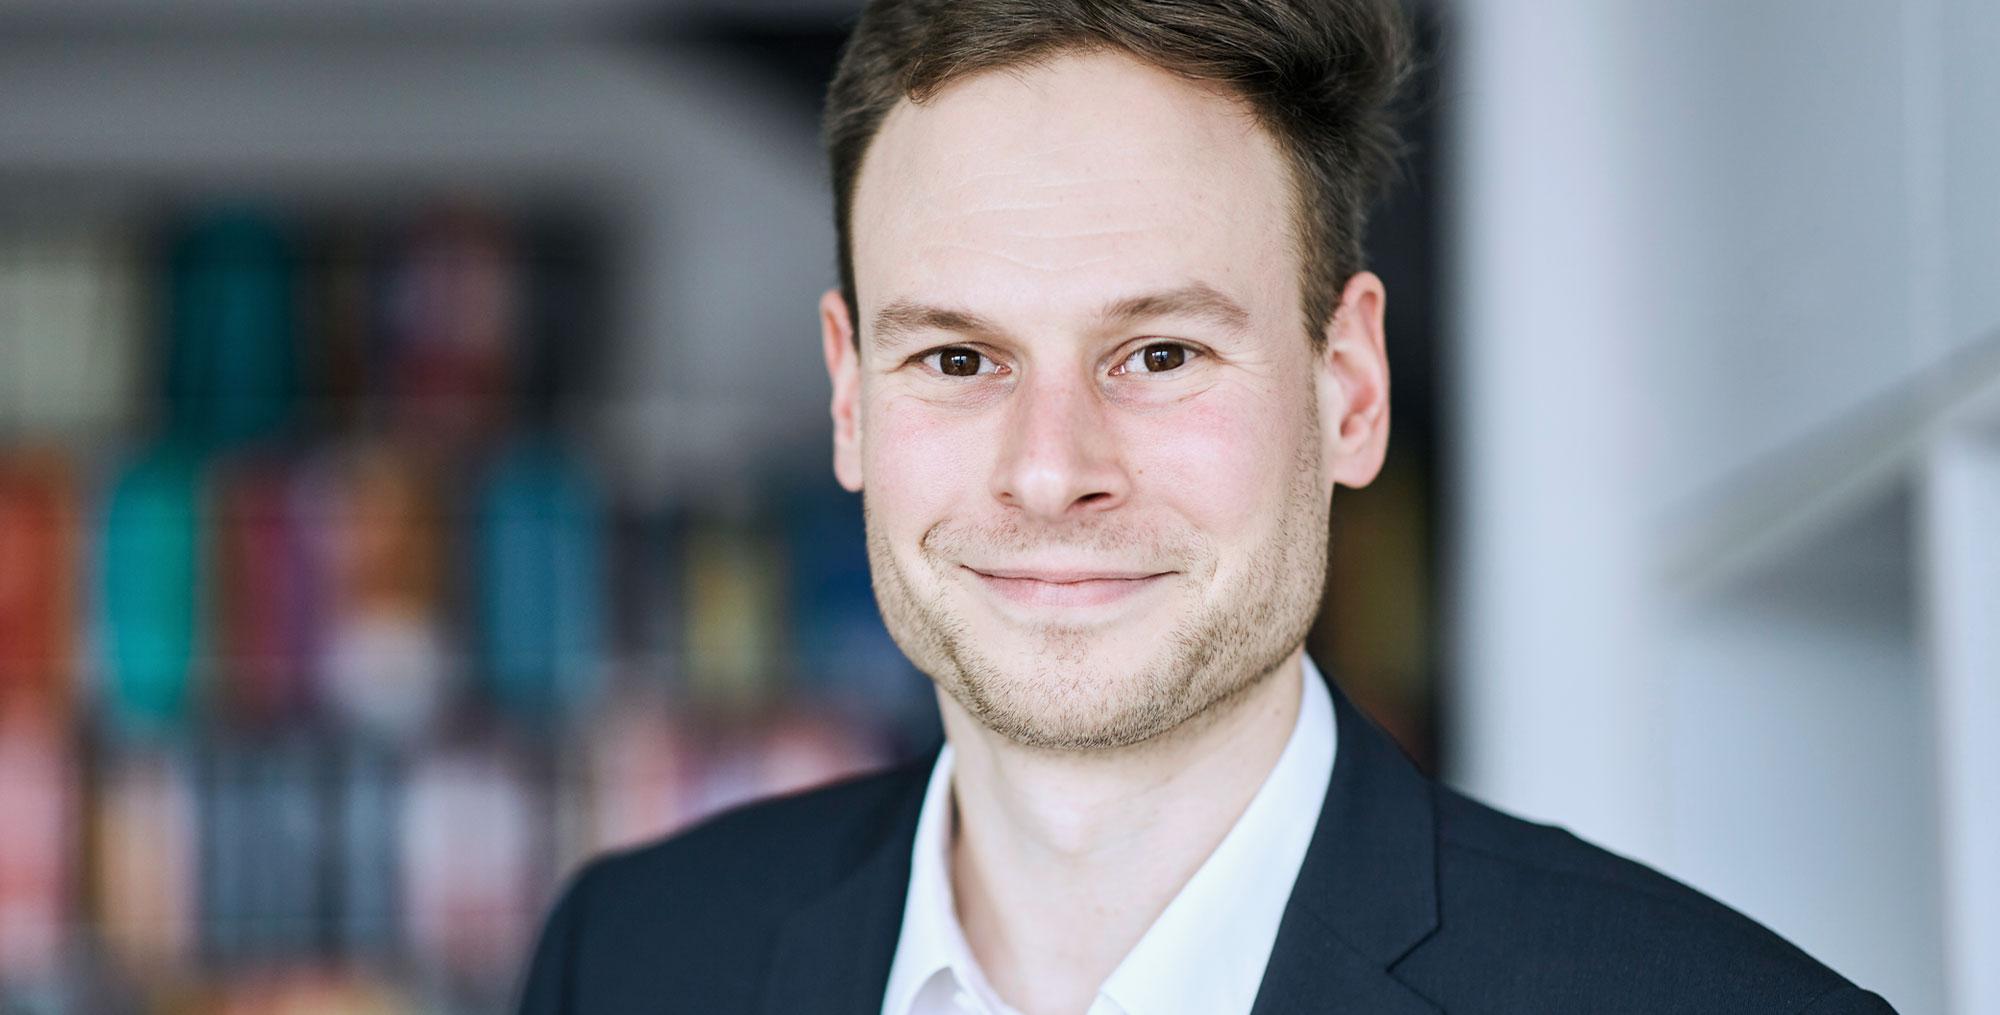 Gregor Wittkämper von der Rechtsanwaltskanzlei BÖRGERS, Fachanwälte für Baurecht, Architektenrecht, Immobilienrecht, Vergaberecht, Grundstücksrecht und Mietrecht - Berlin, Hamburg, Stuttgart